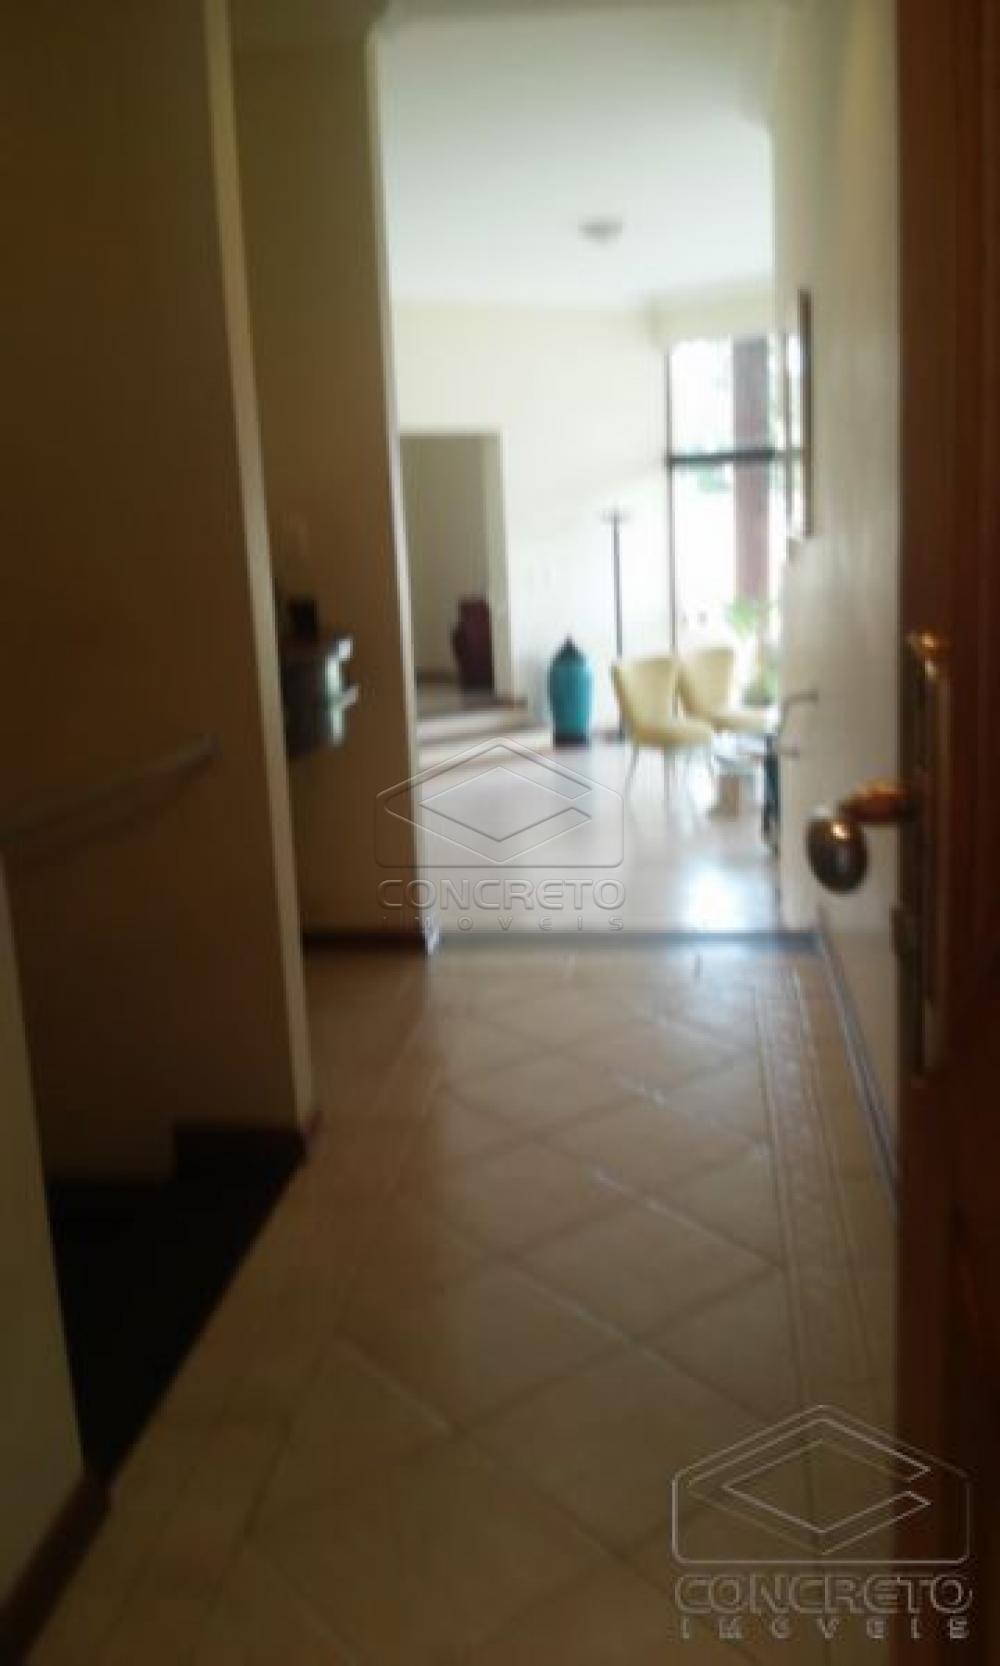 Comprar Apartamento / Padrão em Piratininga R$ 700.000,00 - Foto 9